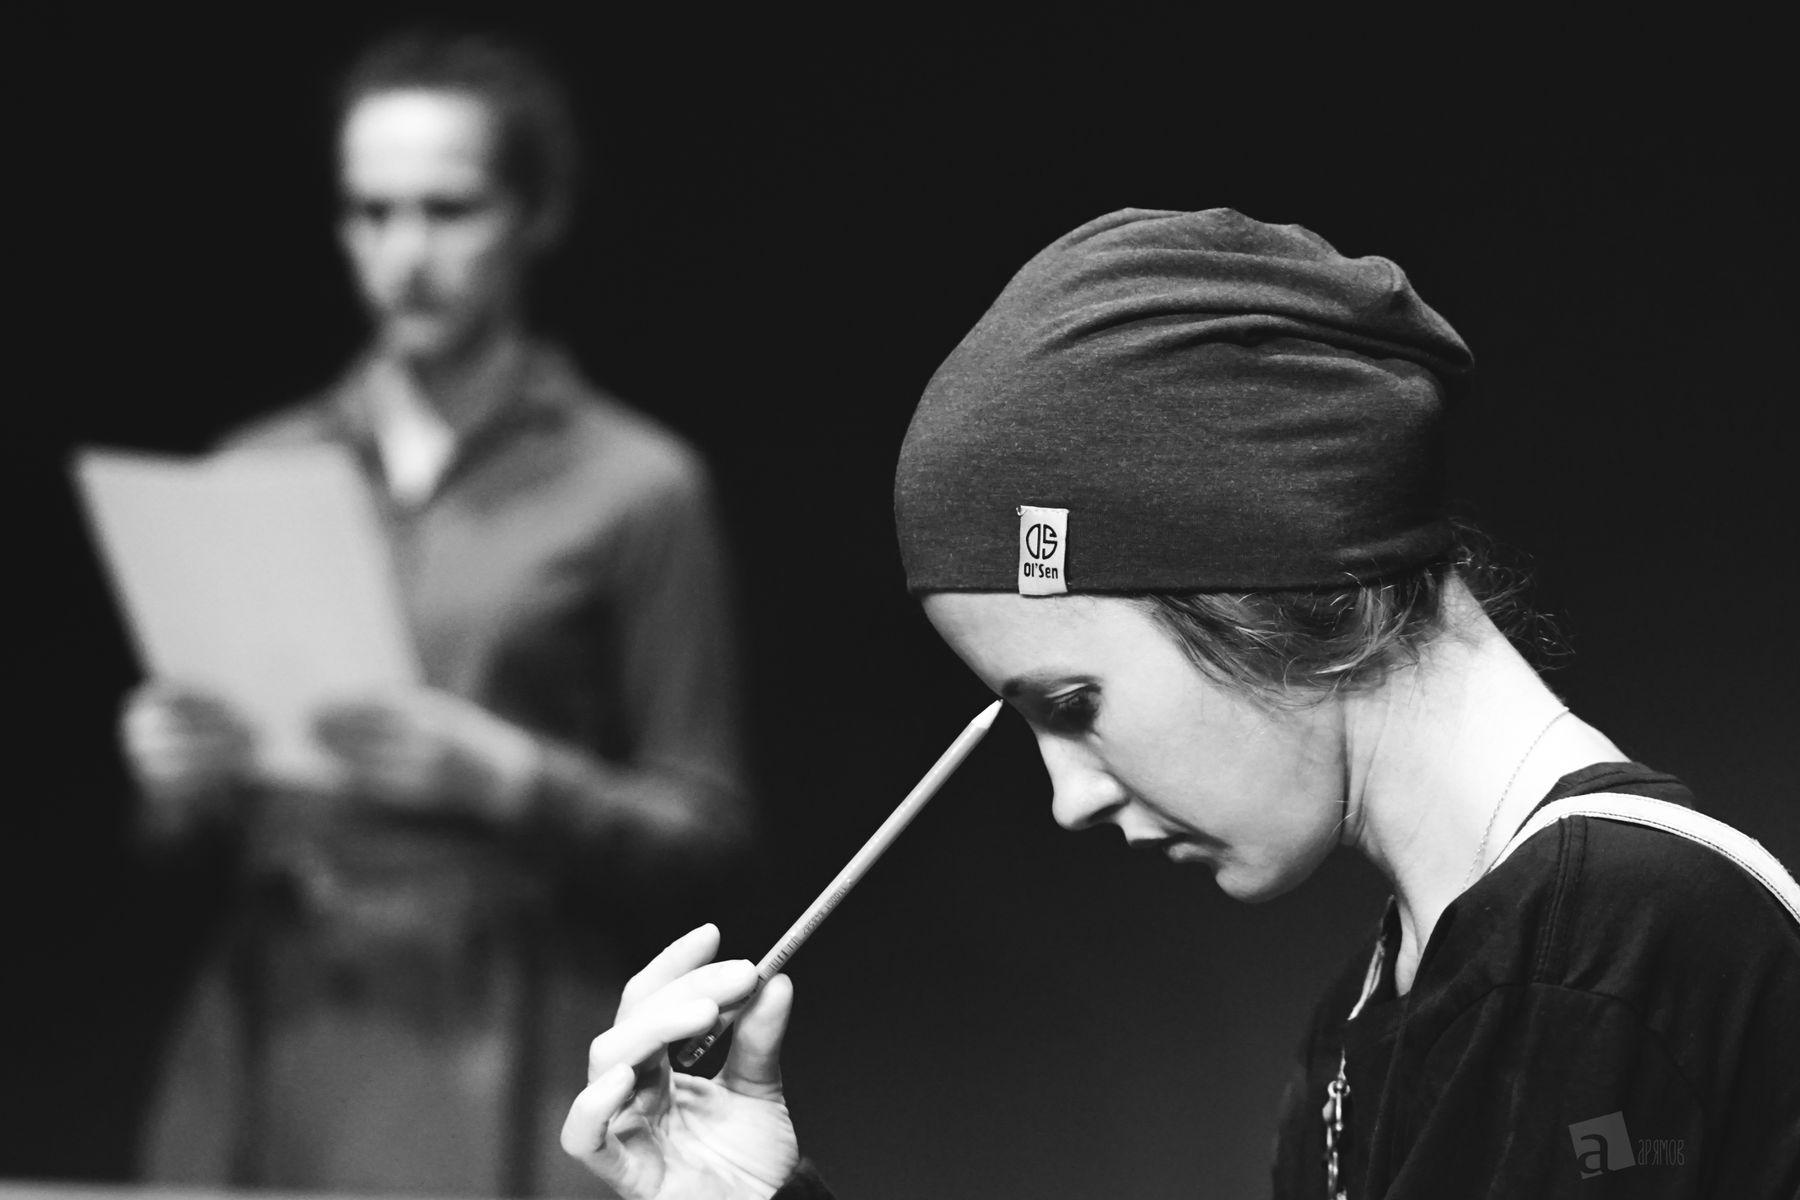 театр. репетиция. девушка портрет глаза взгляд красотка красавица портретная фотография театральная театр